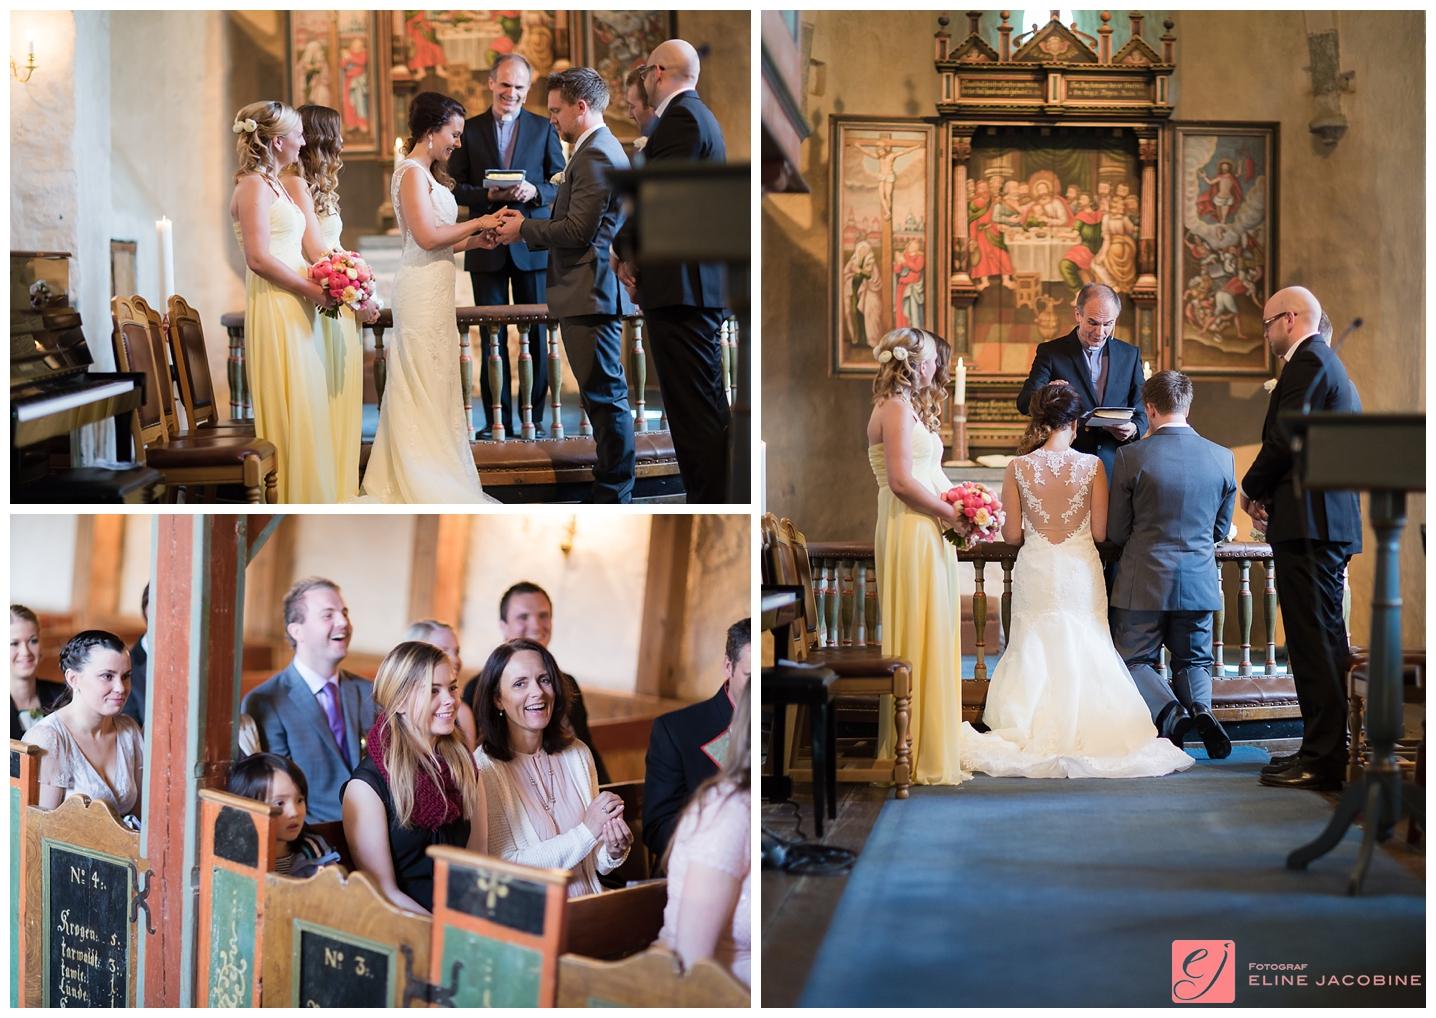 Fotograf-Eline-Jacobine-Bryllupsfotografering-Strand-Hotell-Fevik-Marte-og-Magnus_0020